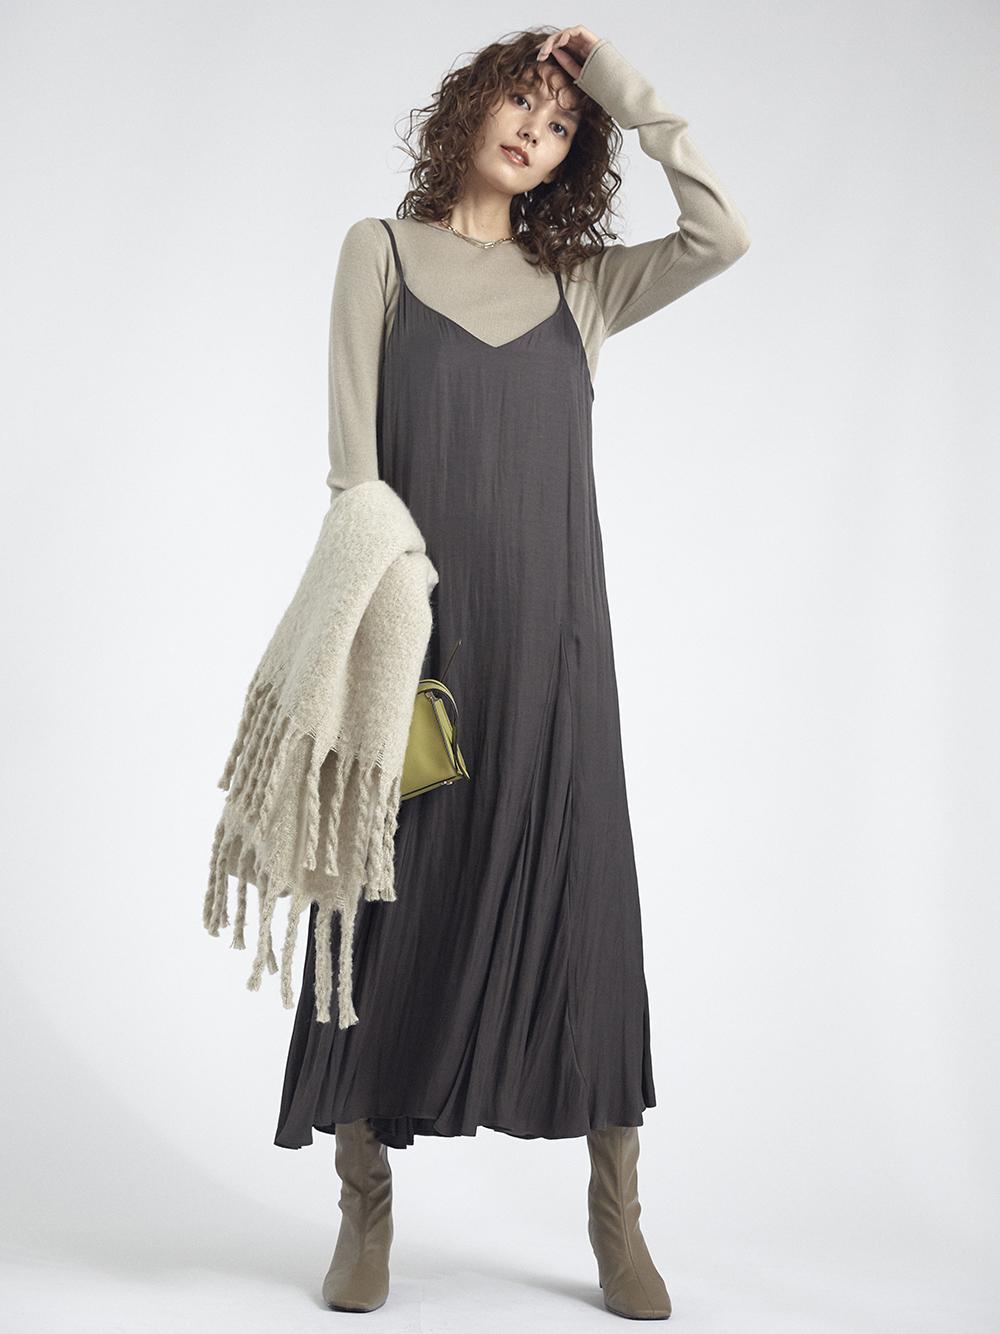 針織細肩帶連身裙組合